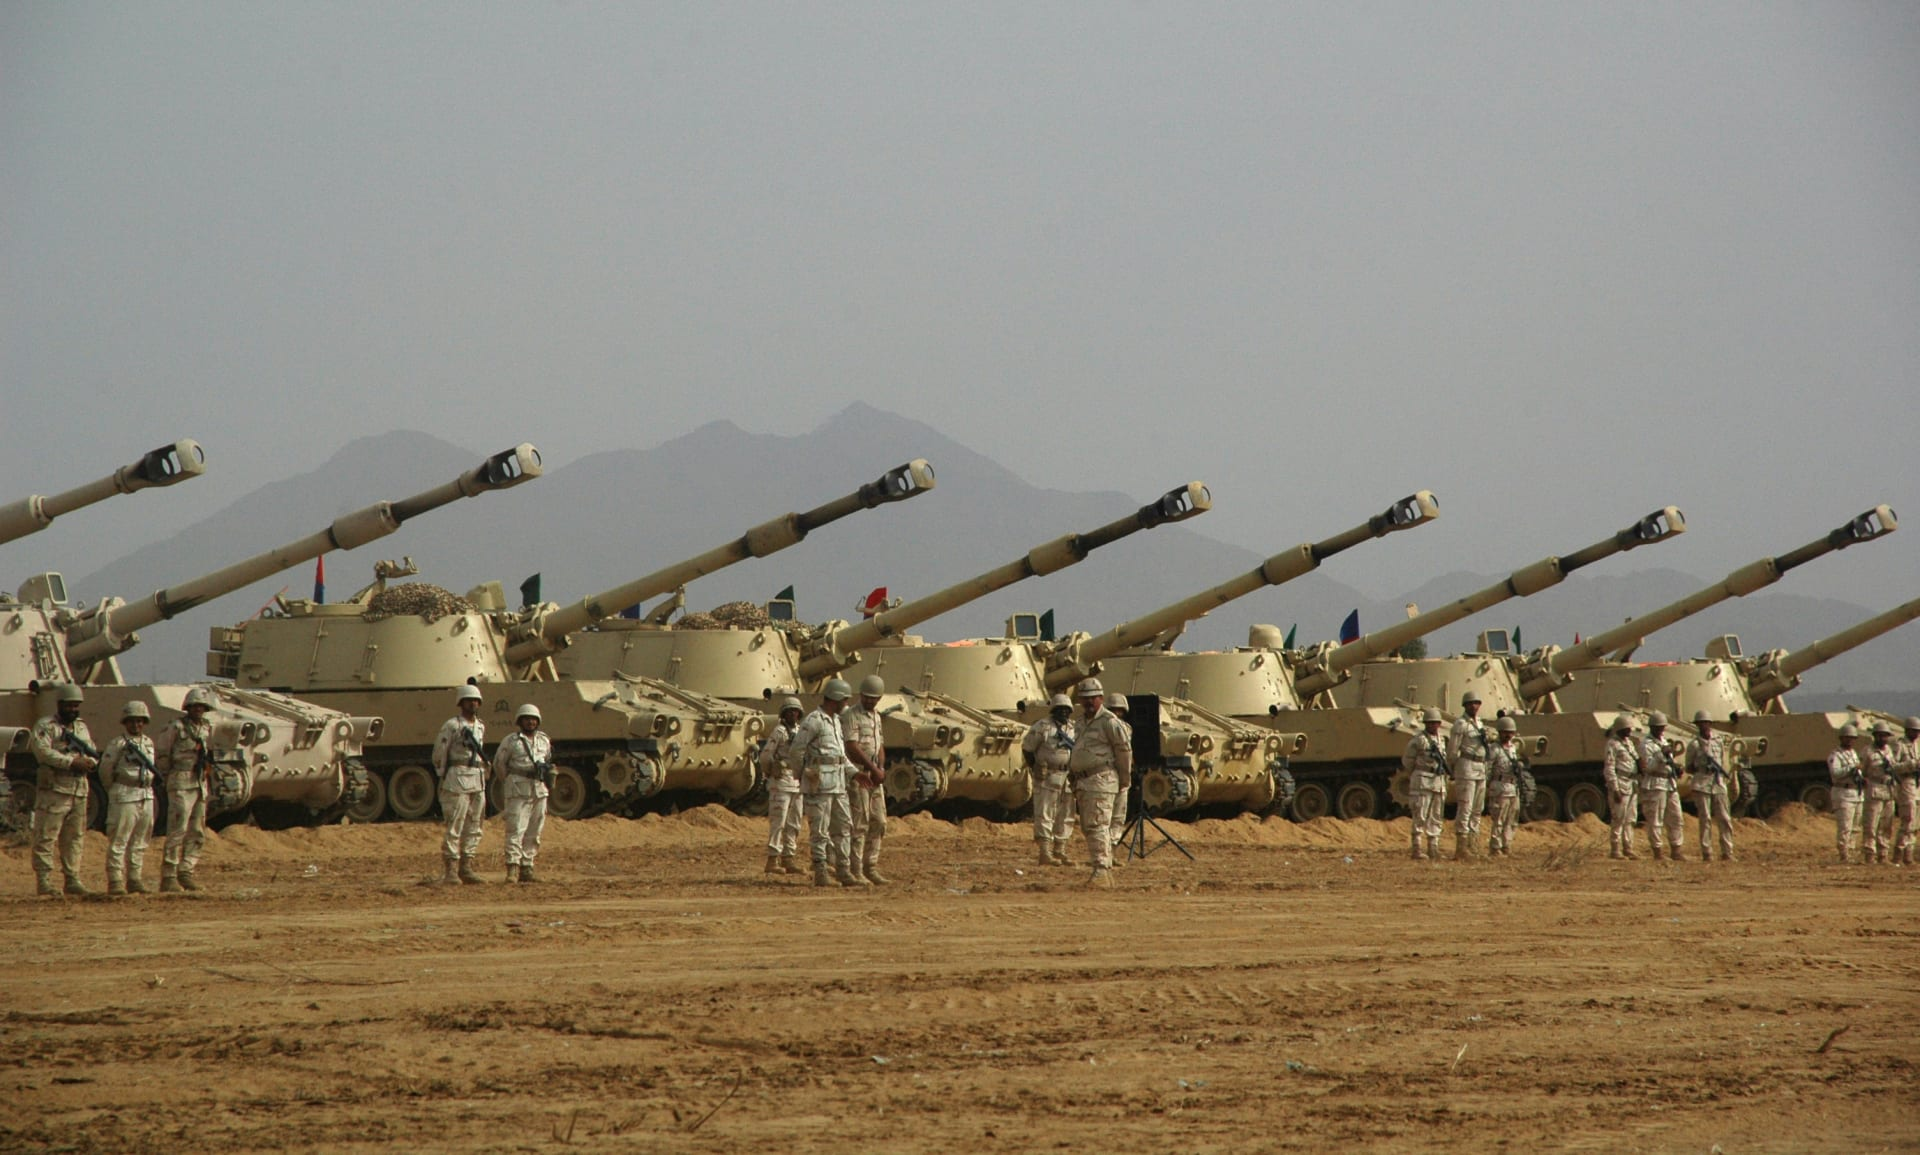 """بالتزامن مع انطلاق عمليات التحالف بالحديدة.. سفير السعودية بأمريكا يبين أهمية """"تحرير"""" المدينة اليمنية"""